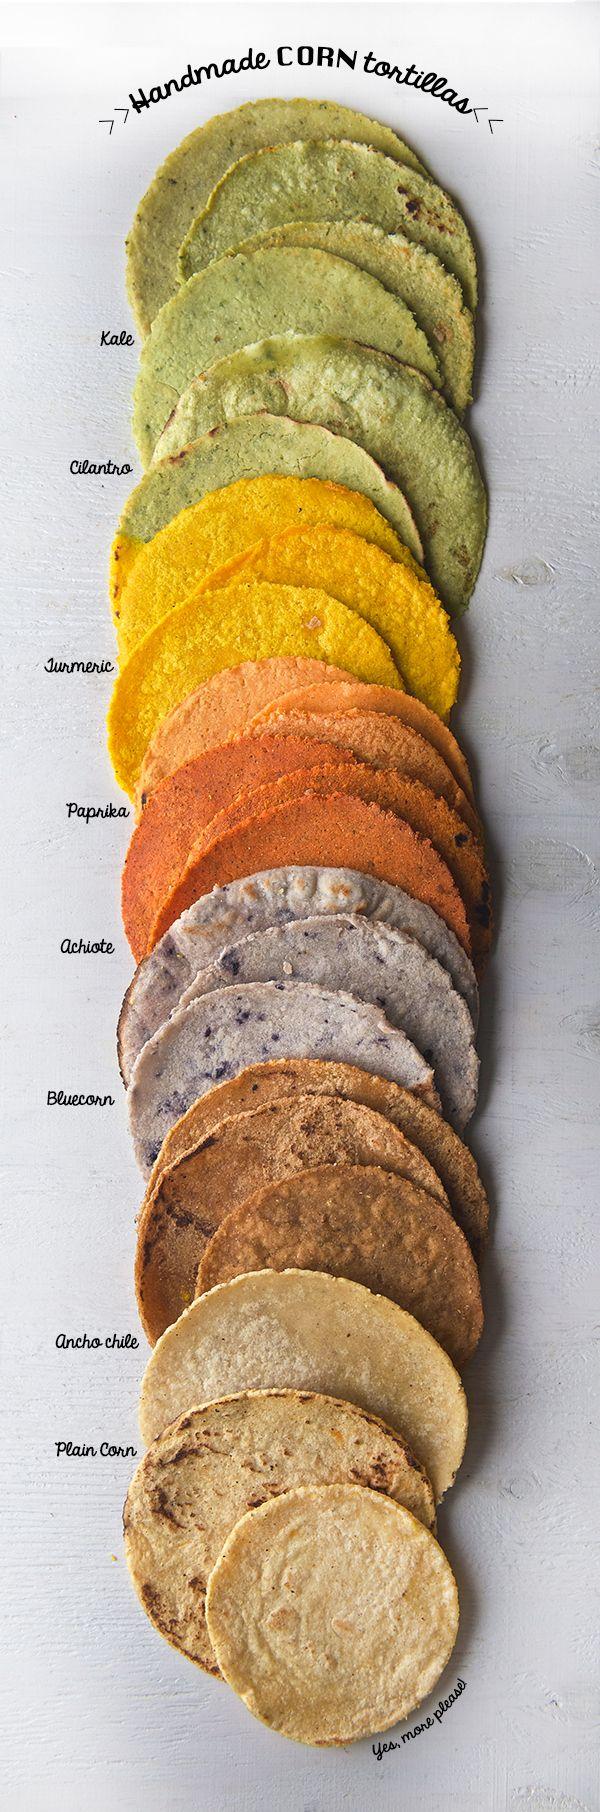 Making-hecho a mano-maíz-How-to-make-maíz-tortillas-paso-a-paso-Sí, -más-por favor!